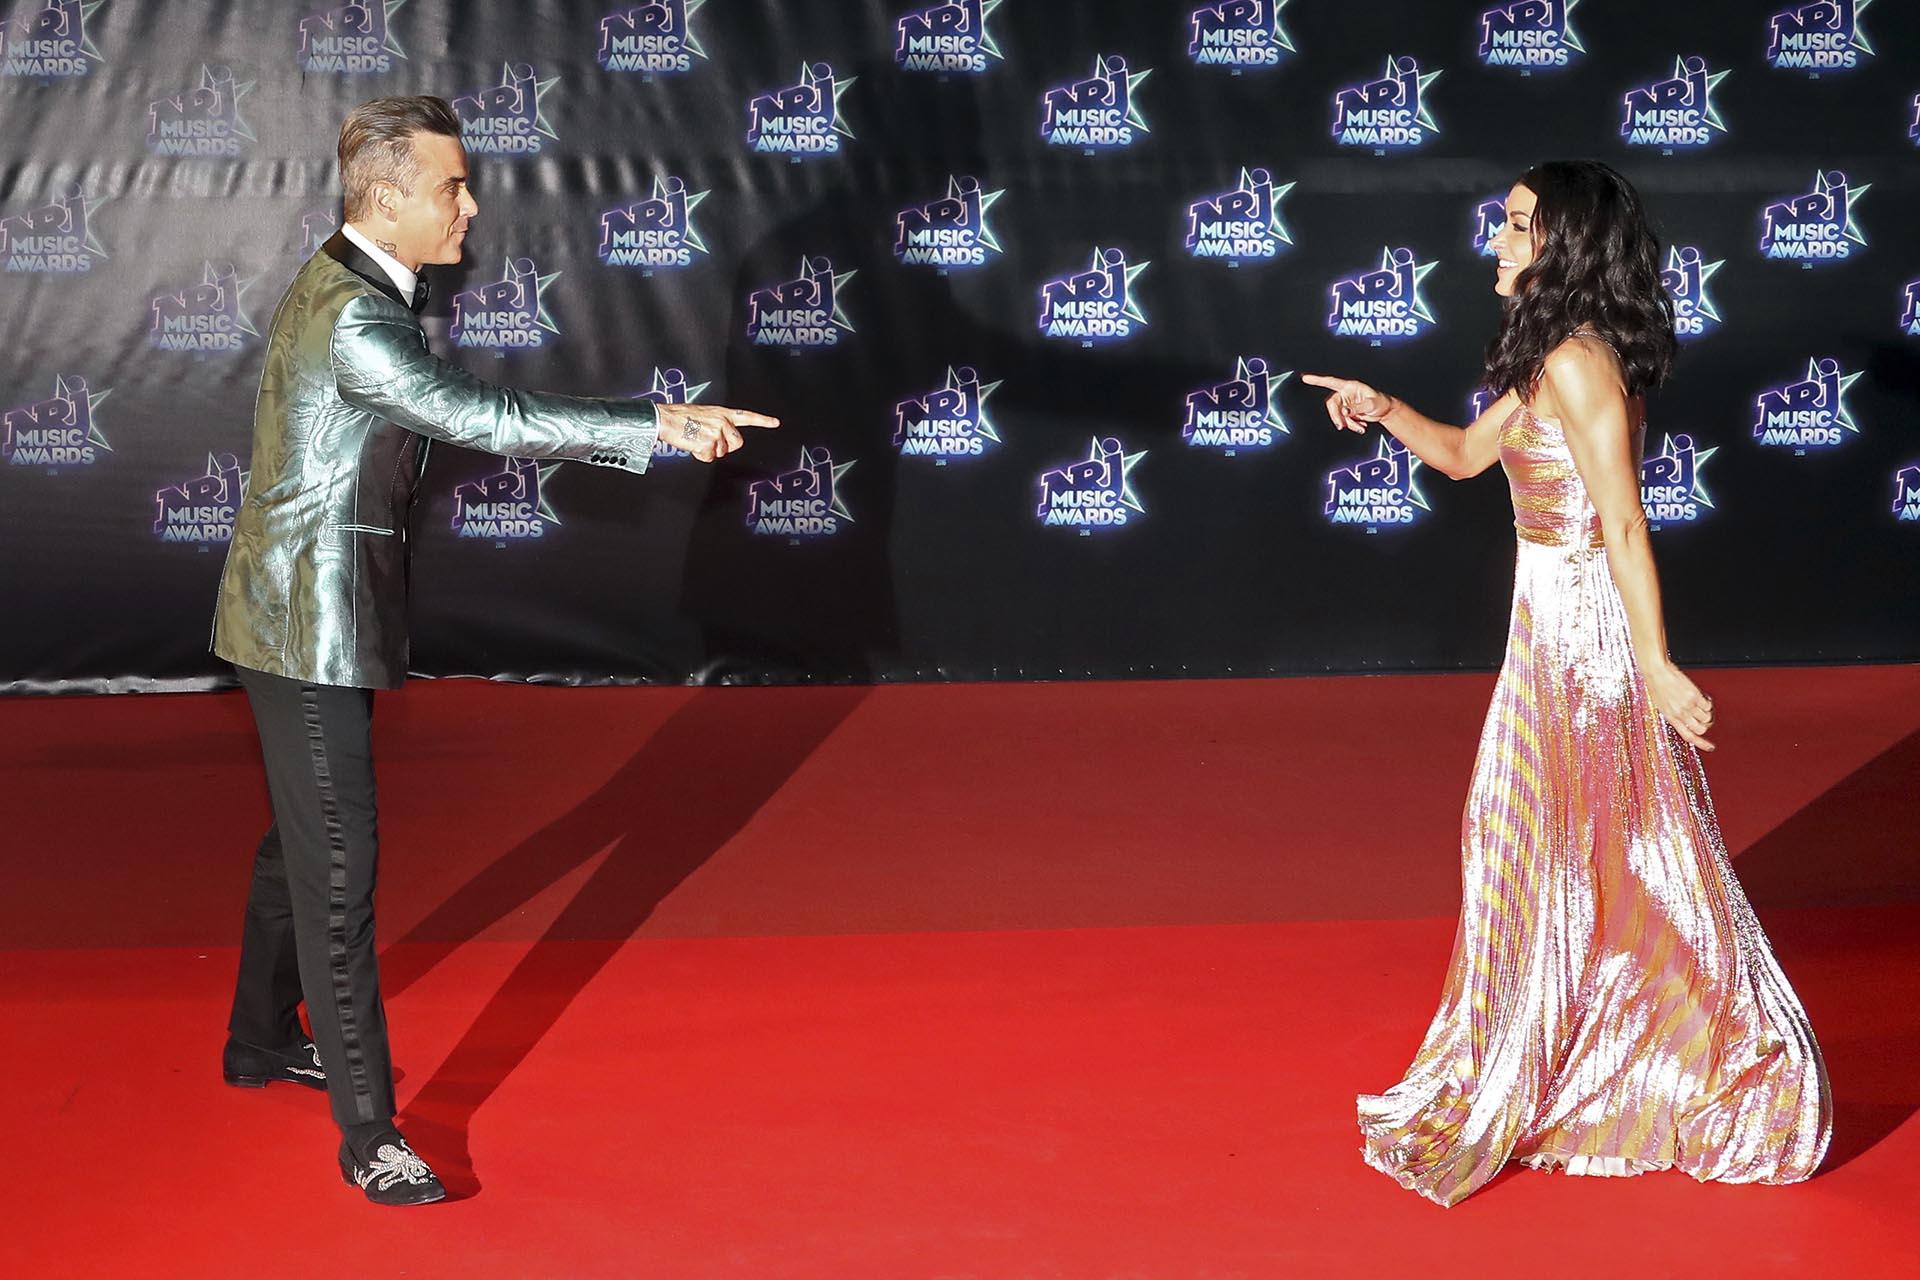 Robbie Williams y Jennifer se divirtieron posando en la red carpet, antes de ingresar a la ceremonia de premiación /// Fotos: AFP